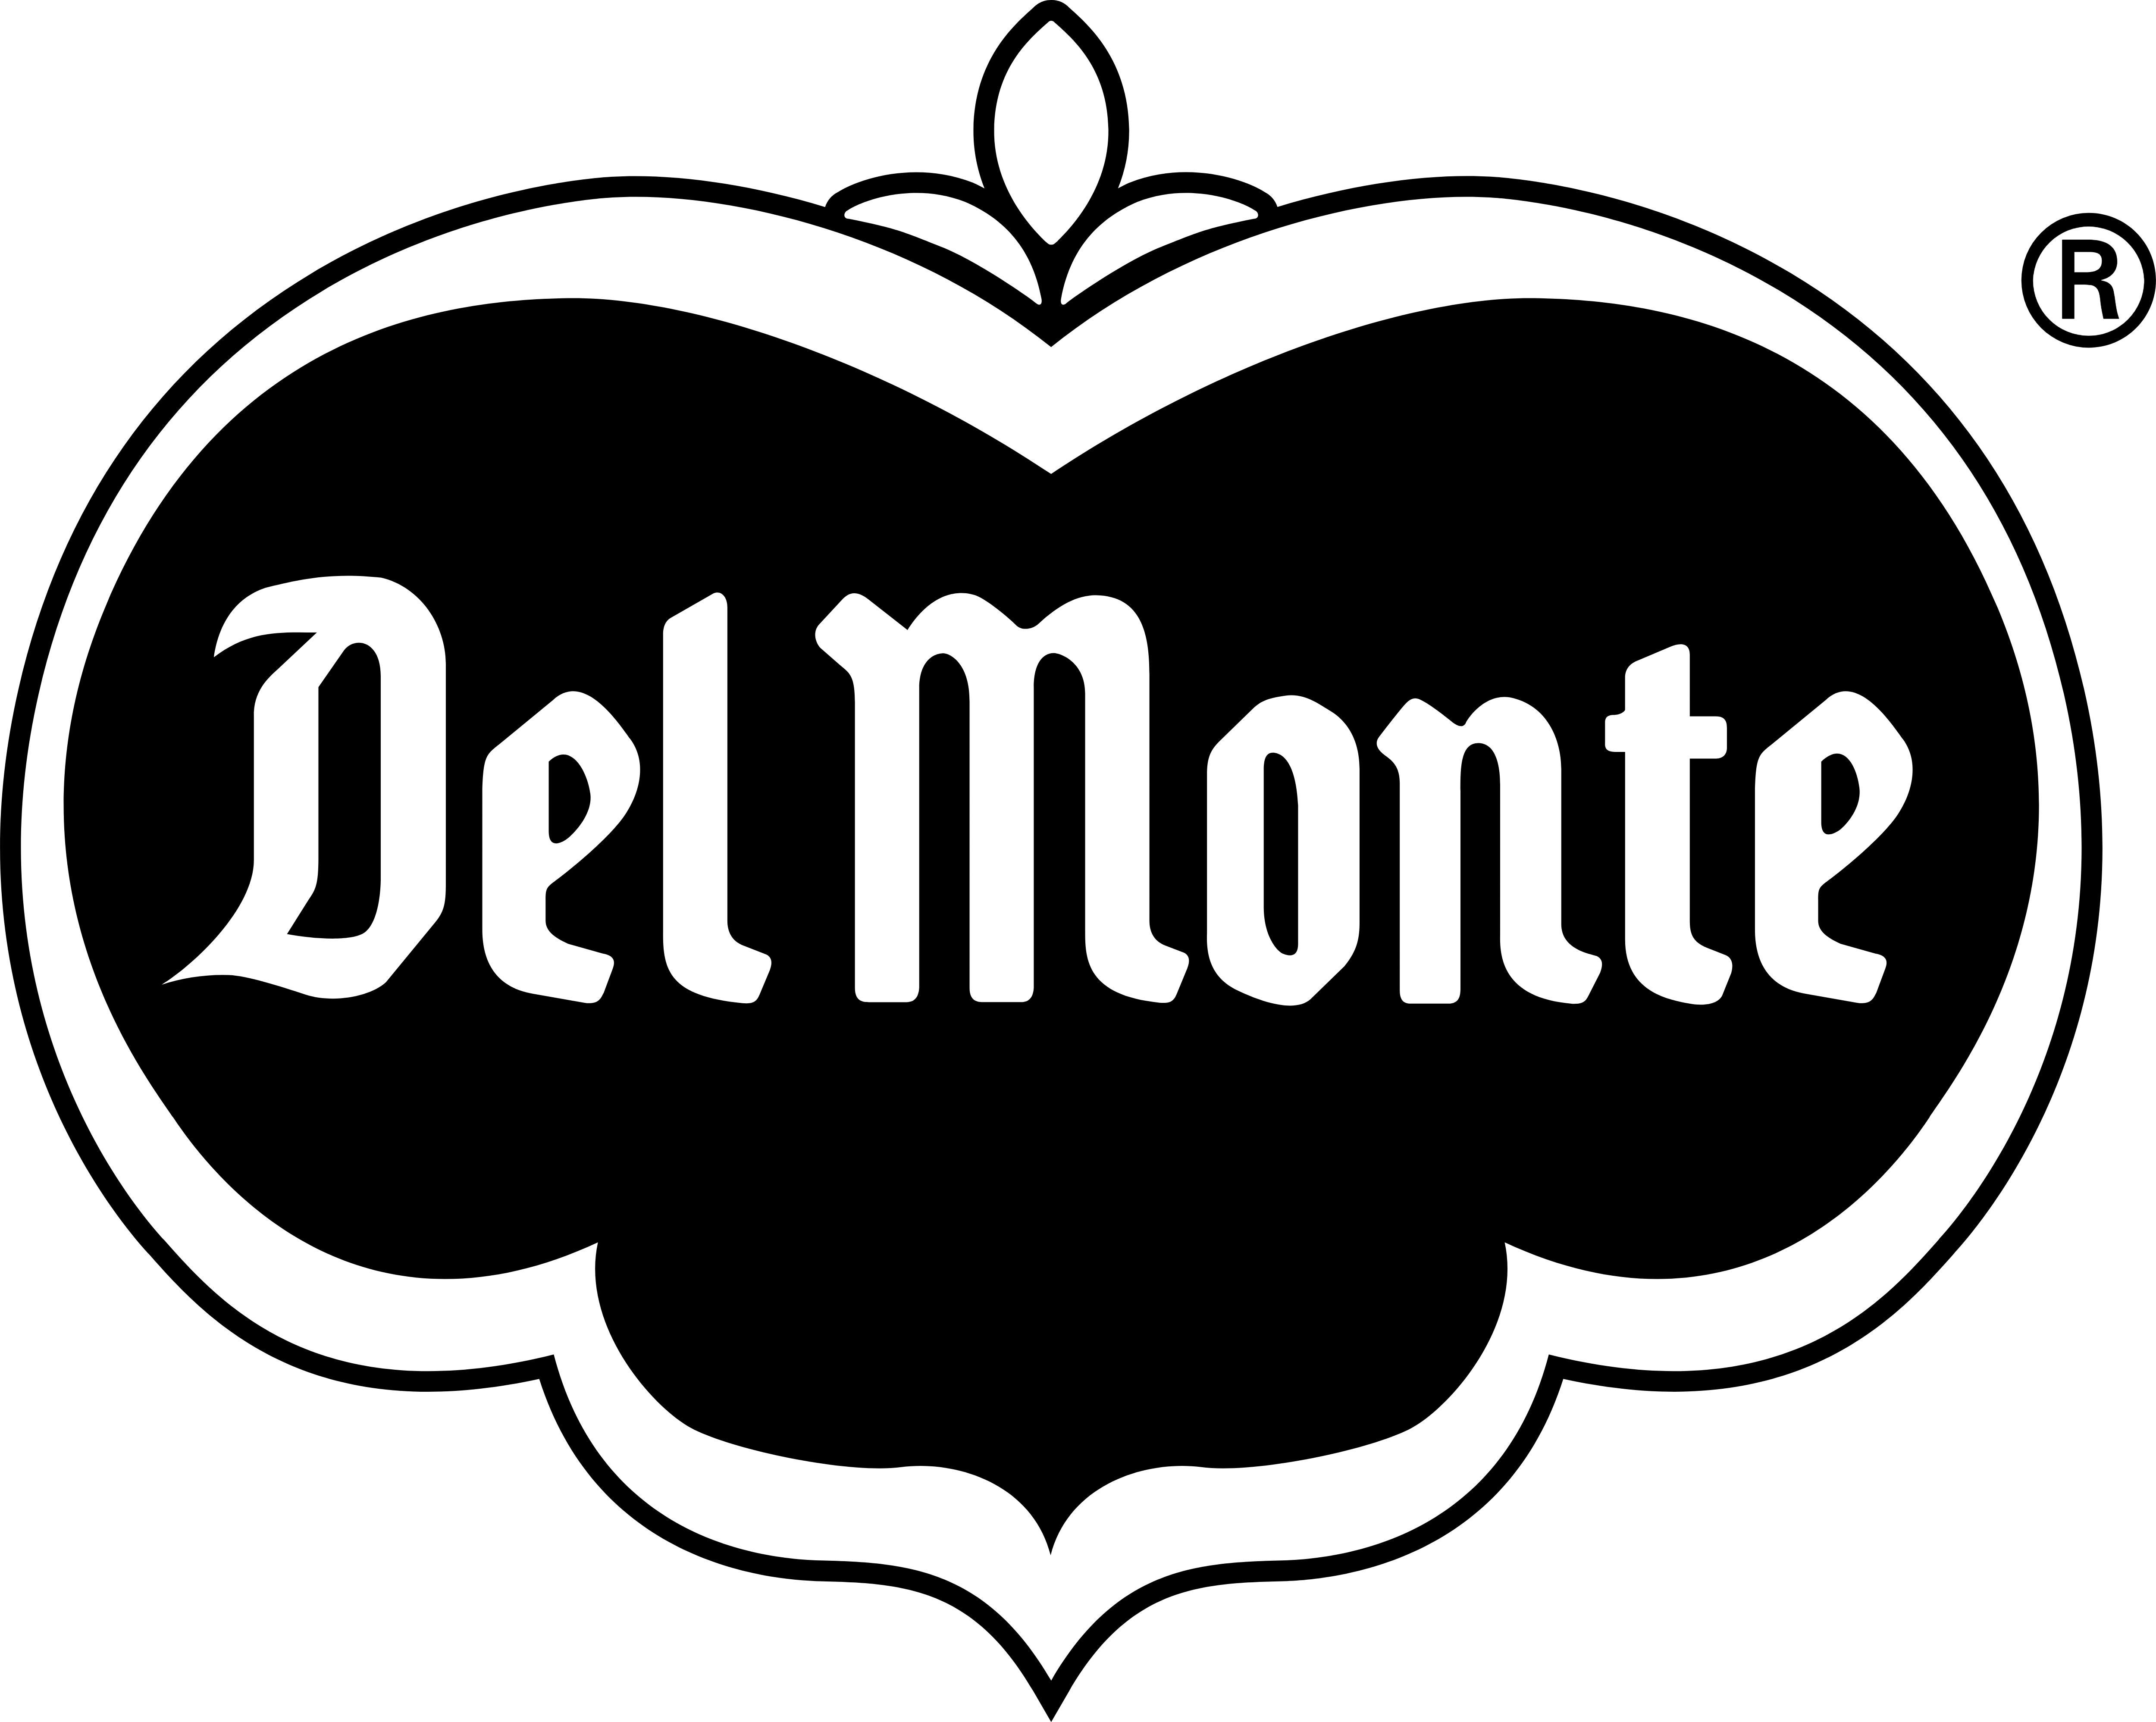 Del Monte Logos Download